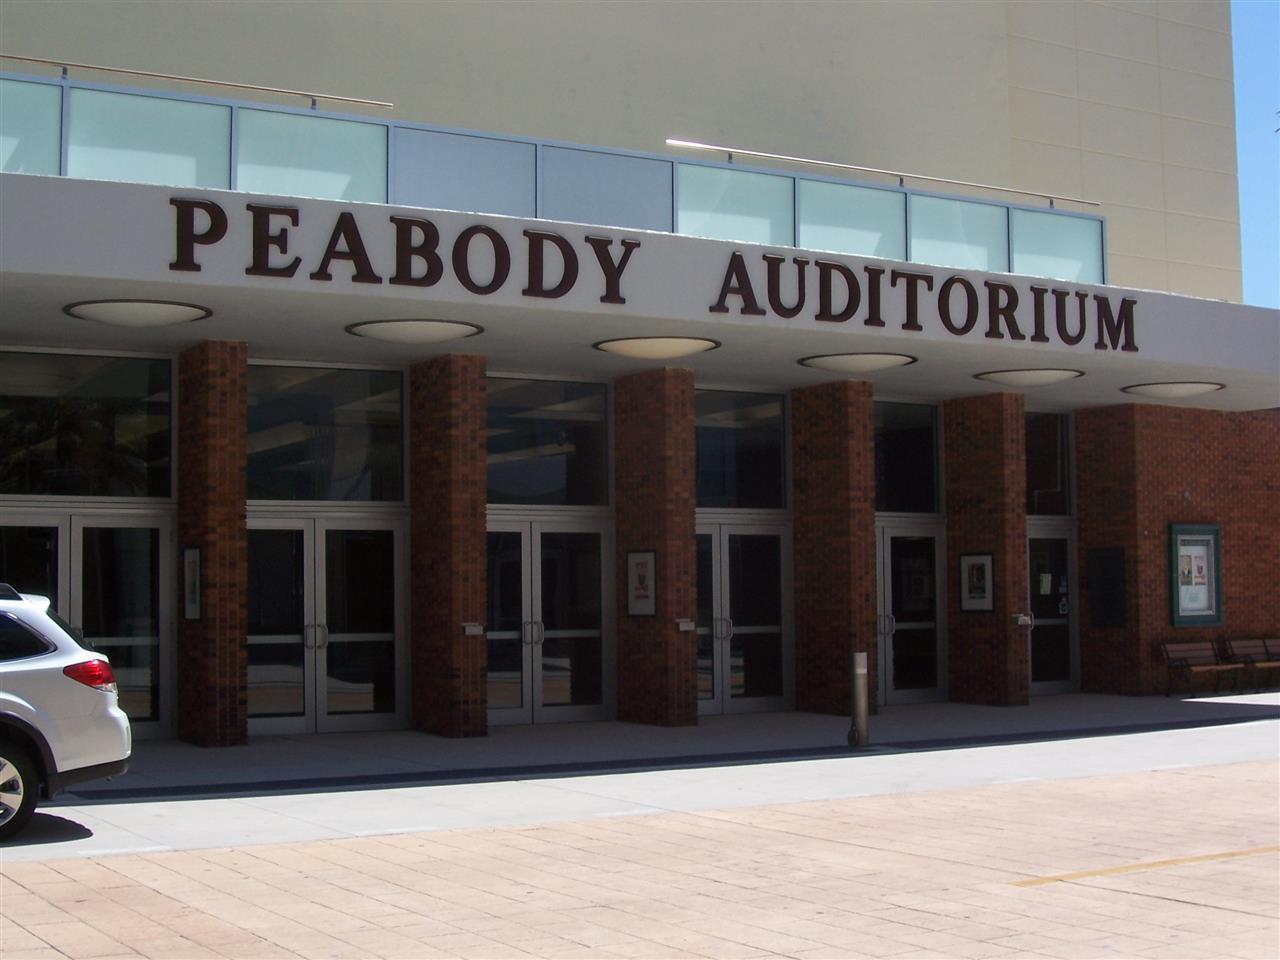 Peabody Auditorium-Daytona Beach, FL